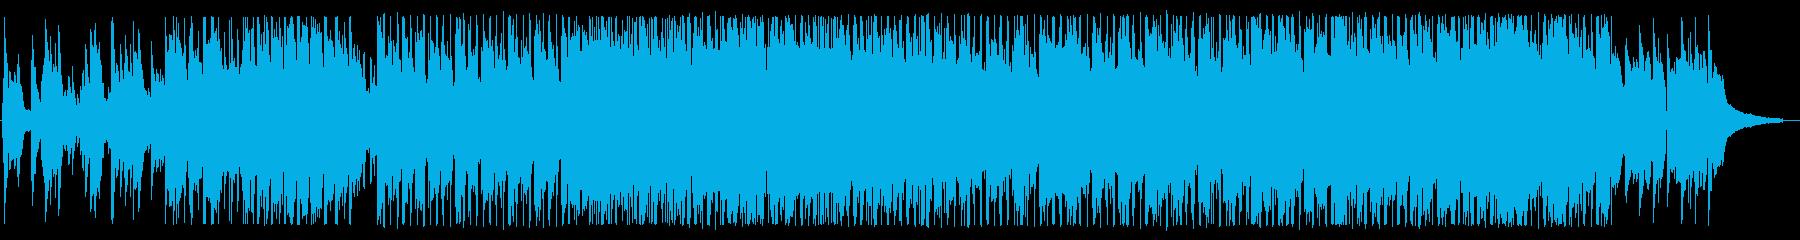 ポップ。ポップロックの歌。 Bat...の再生済みの波形